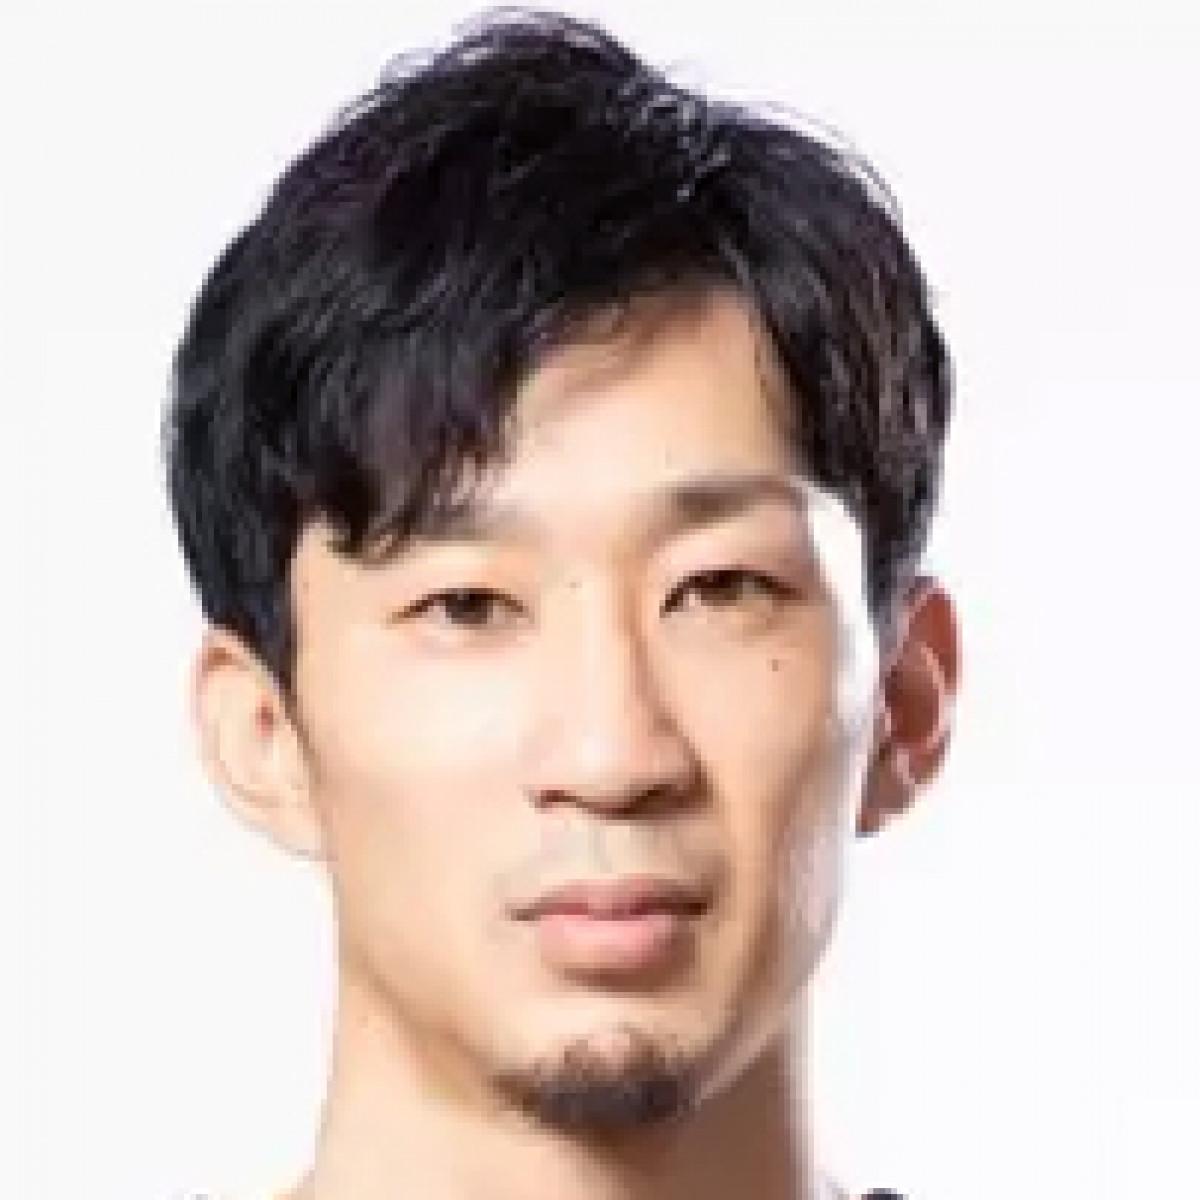 Kento Matsuzaki